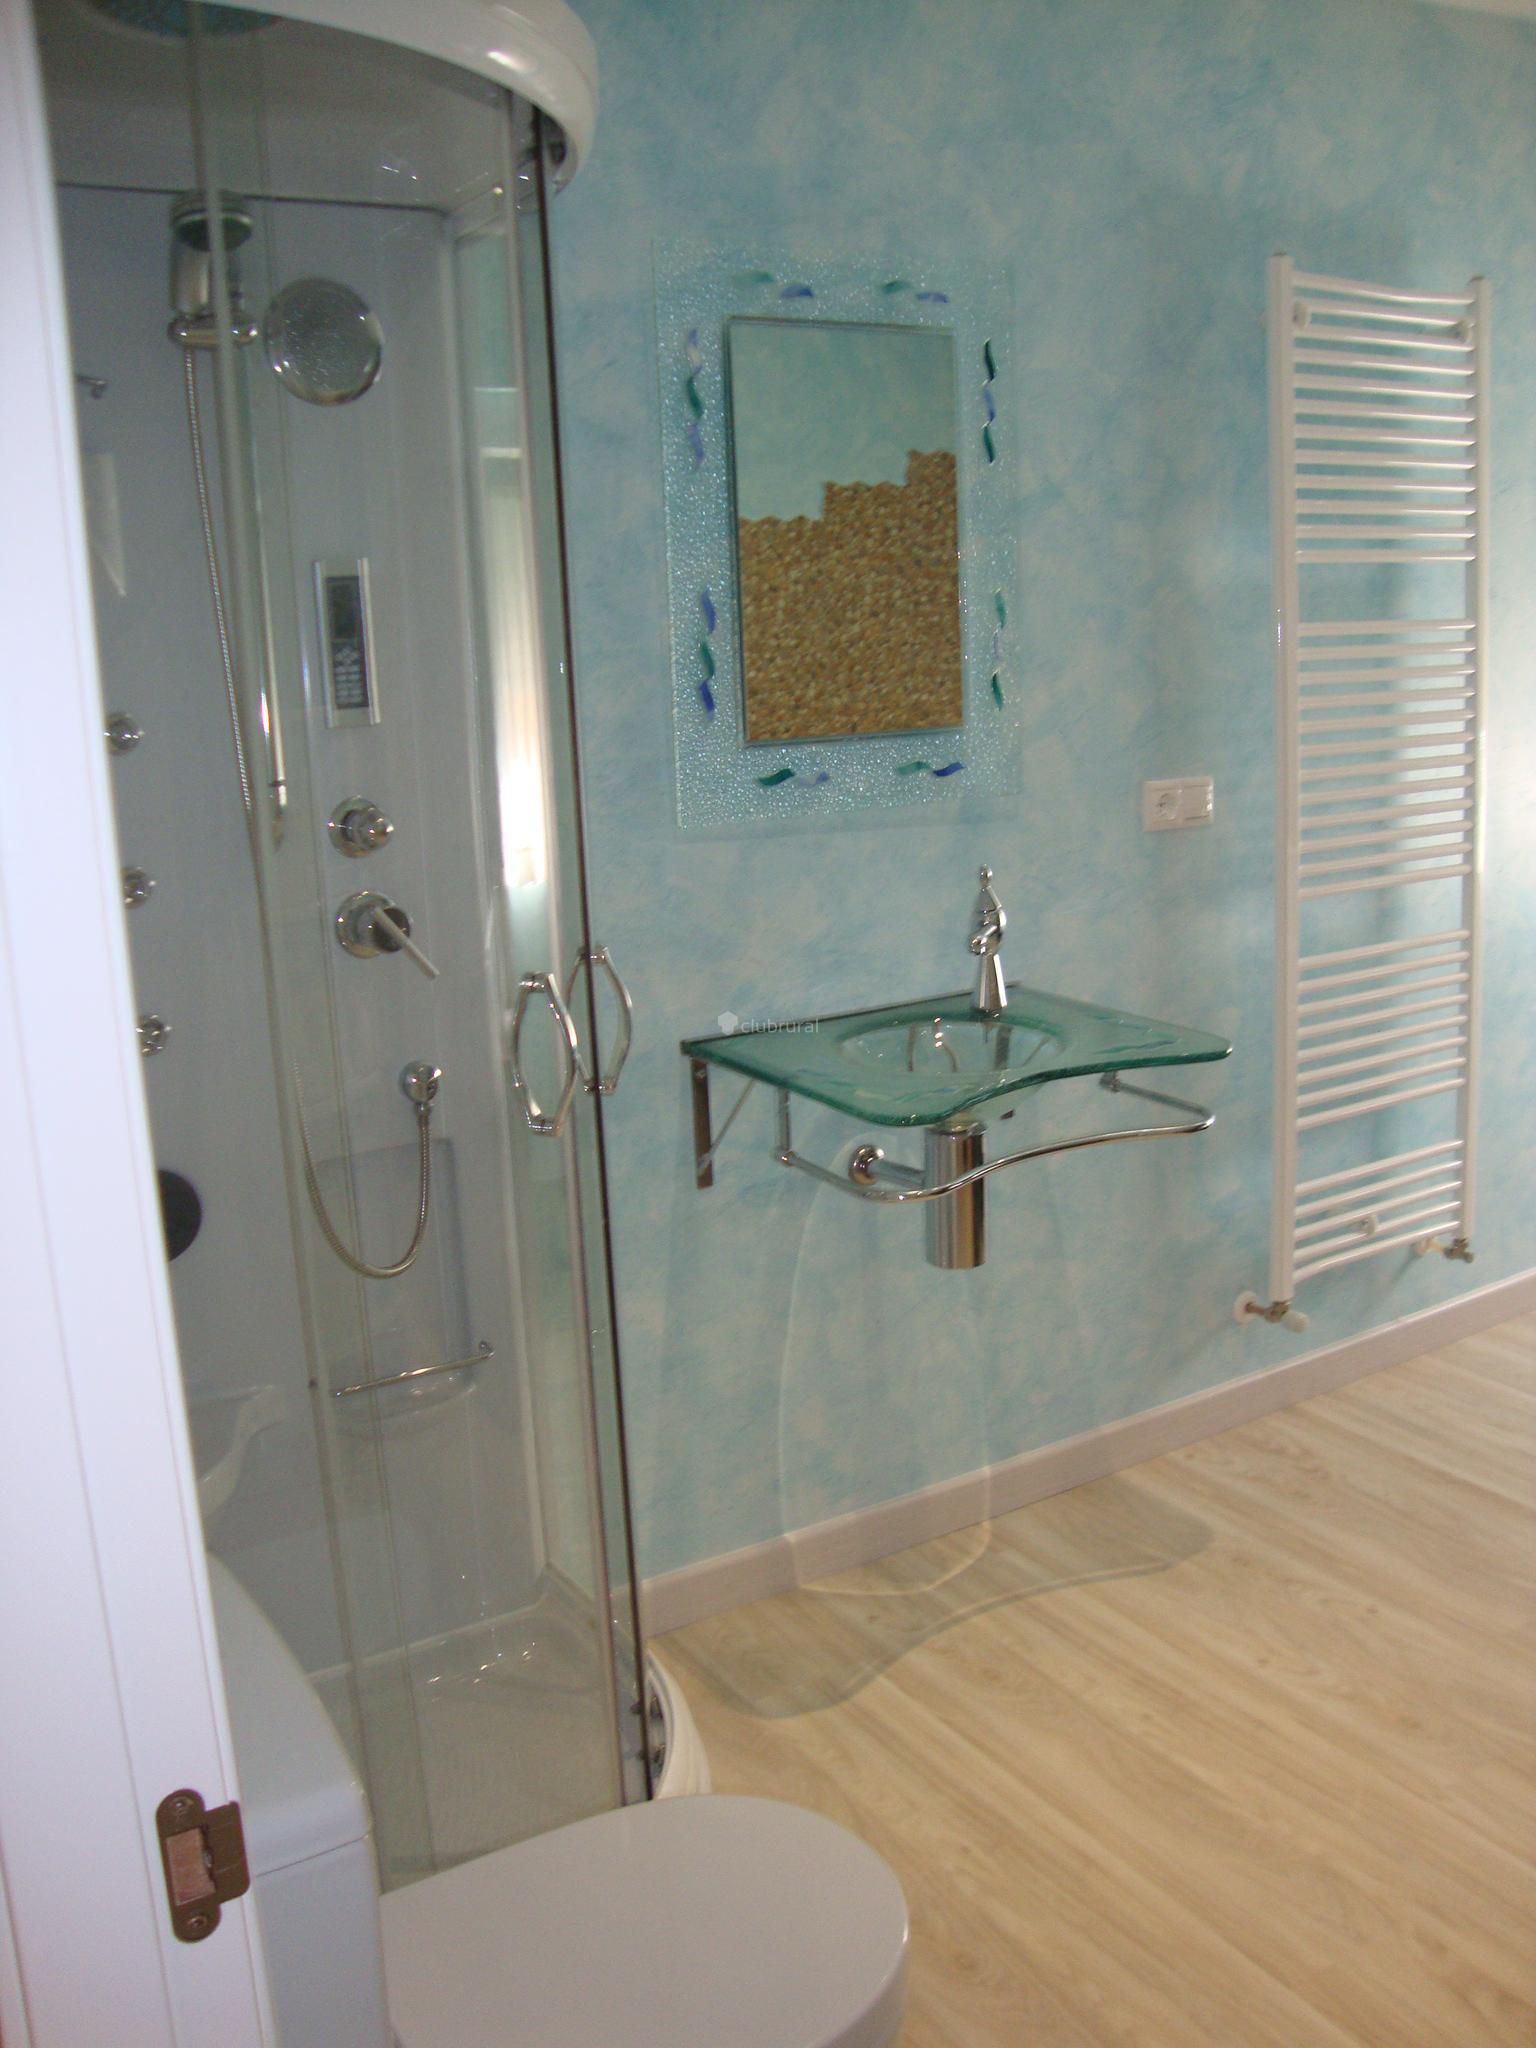 Fotos de casita spa muiller valladolid fresno el viejo - Spa urbano valladolid ...